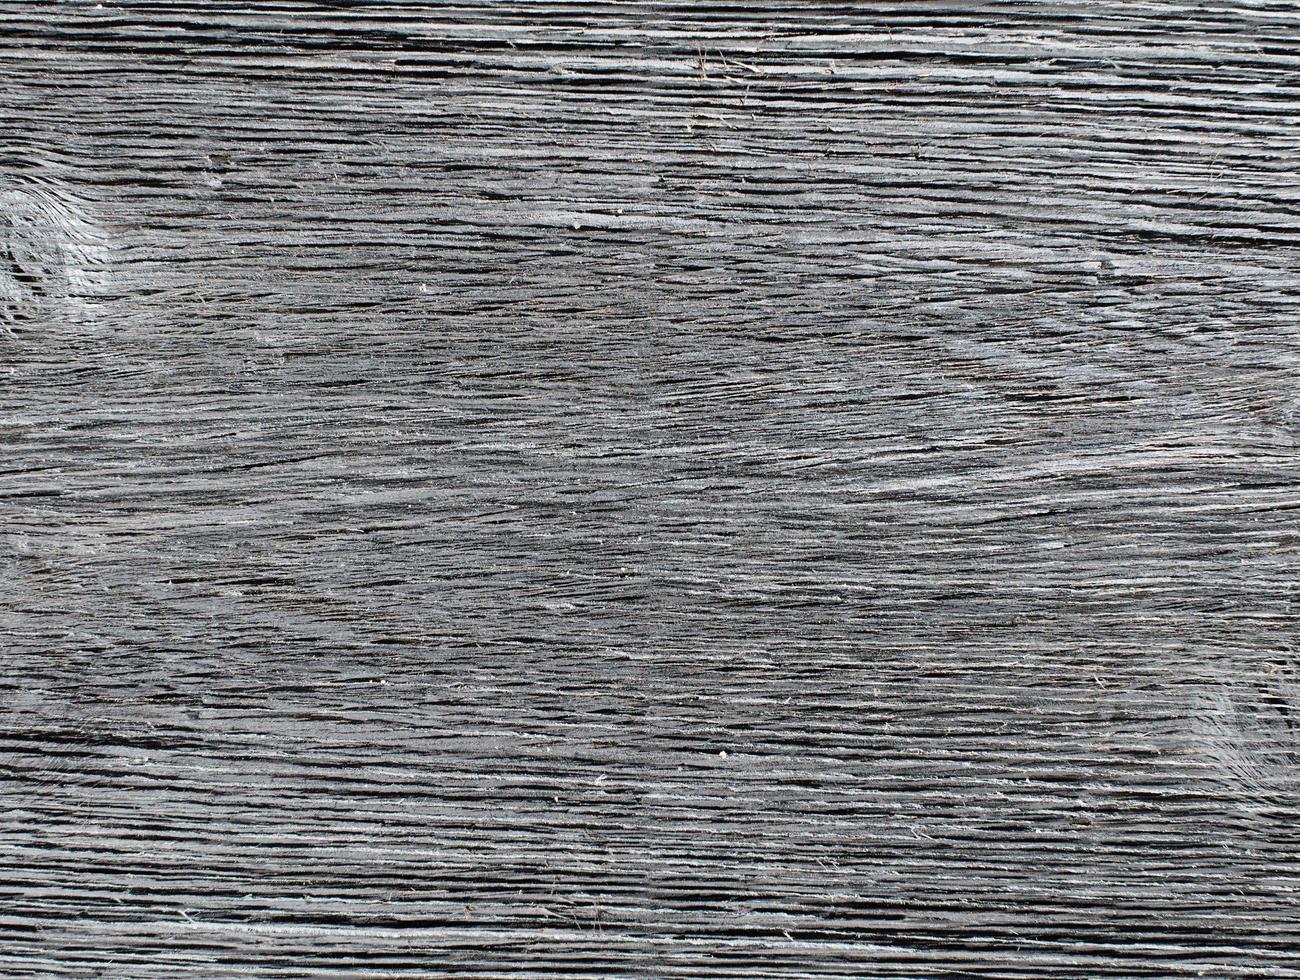 houtnerf textuur foto